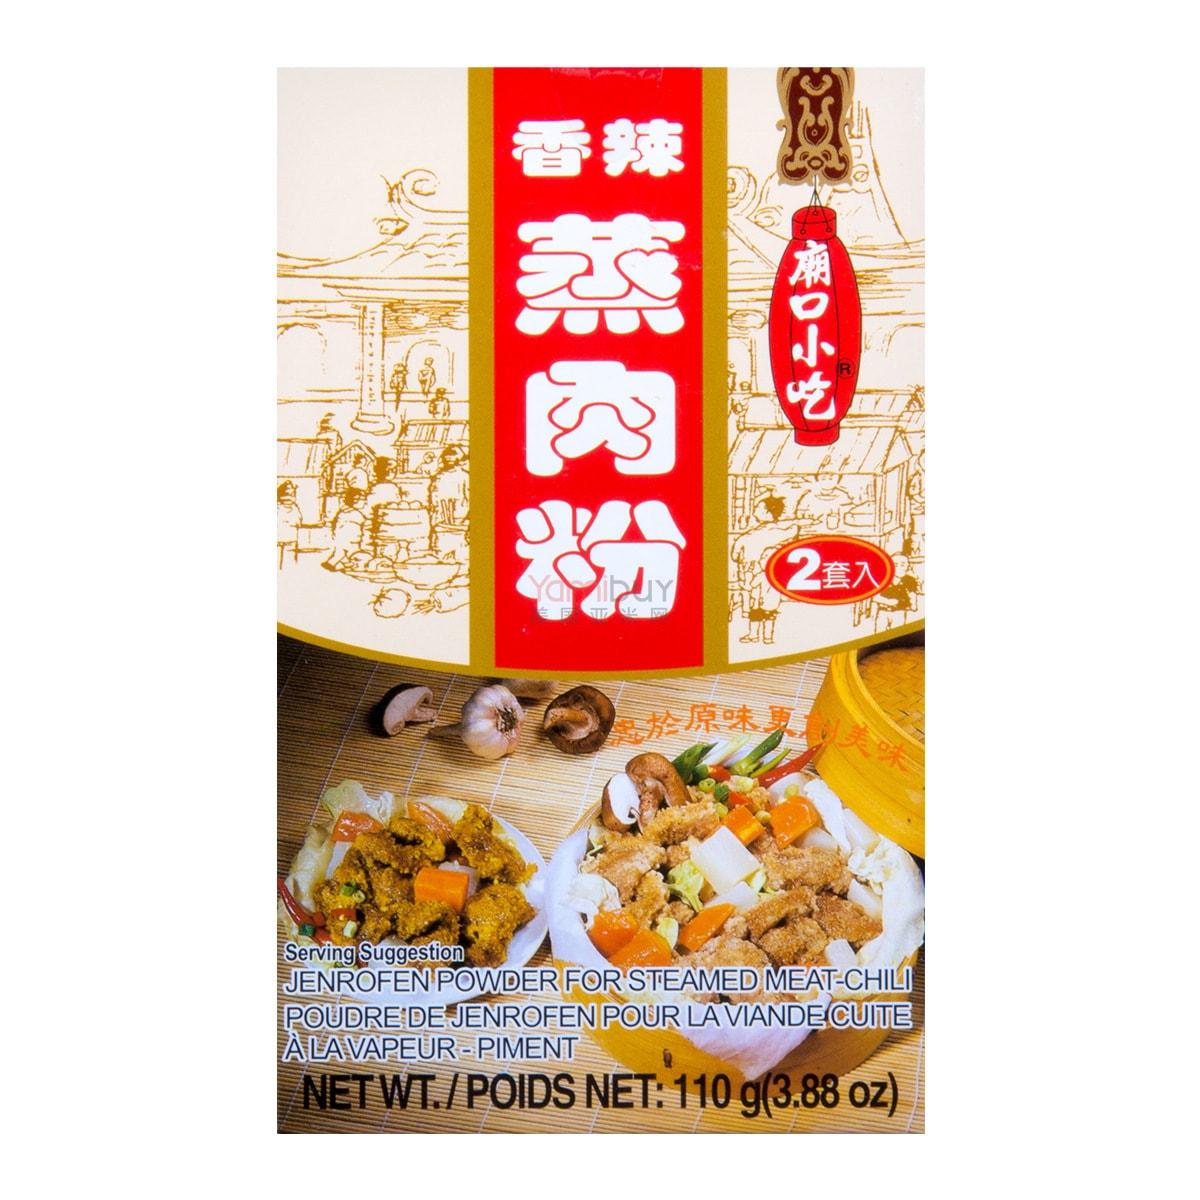 TOMAX Jenrofen Powder For Meat-Chili 110g